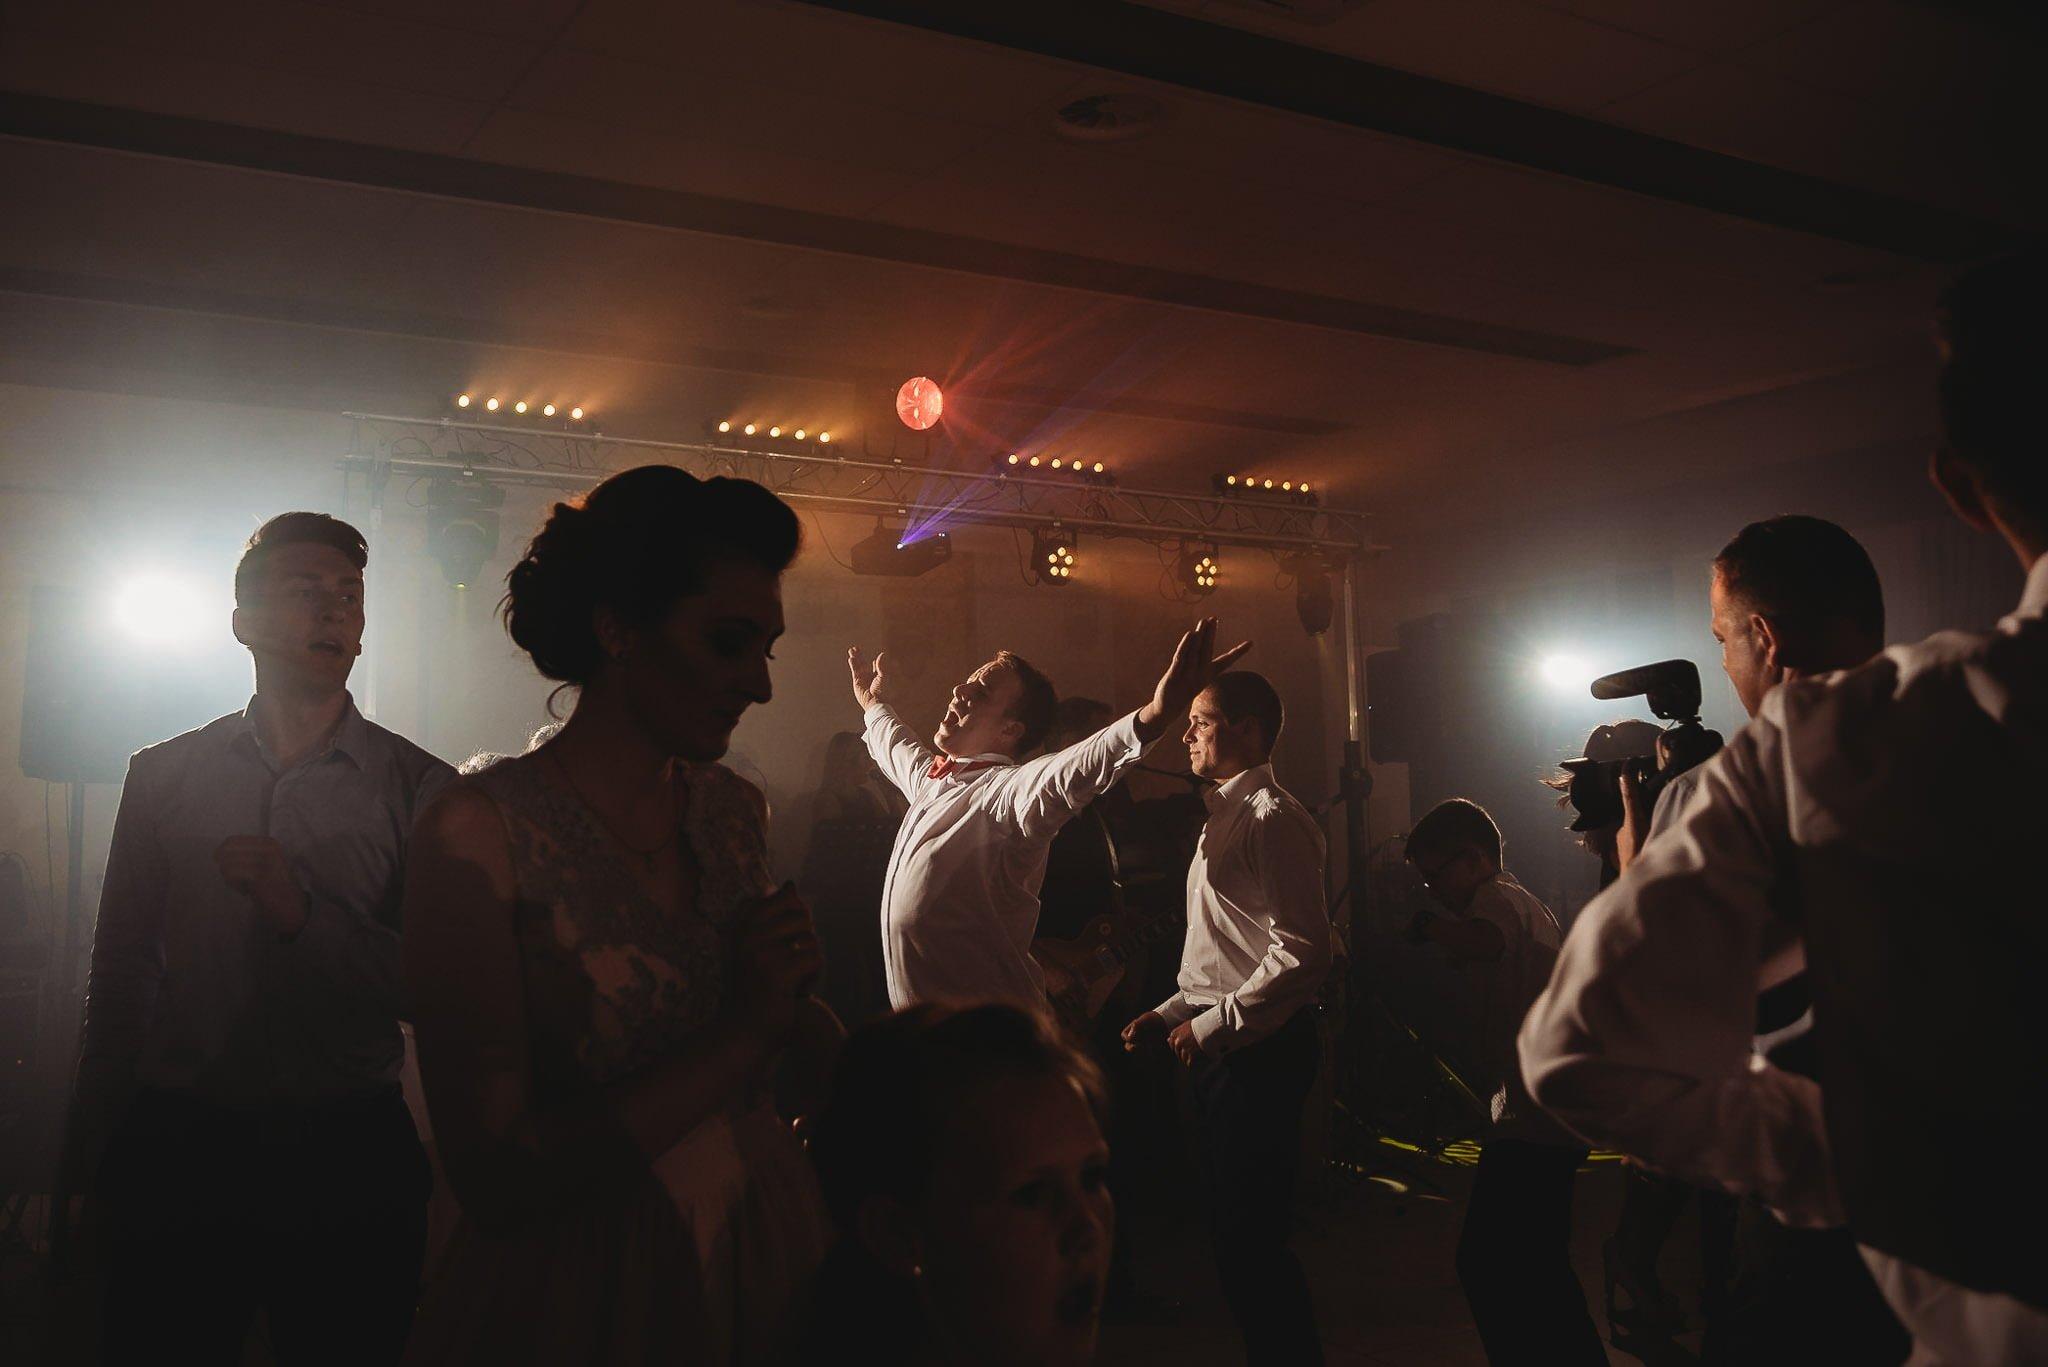 Monika i Michał, wesele w Paryżu i sesja plenerowa w stadninie koni w Czołowie 294